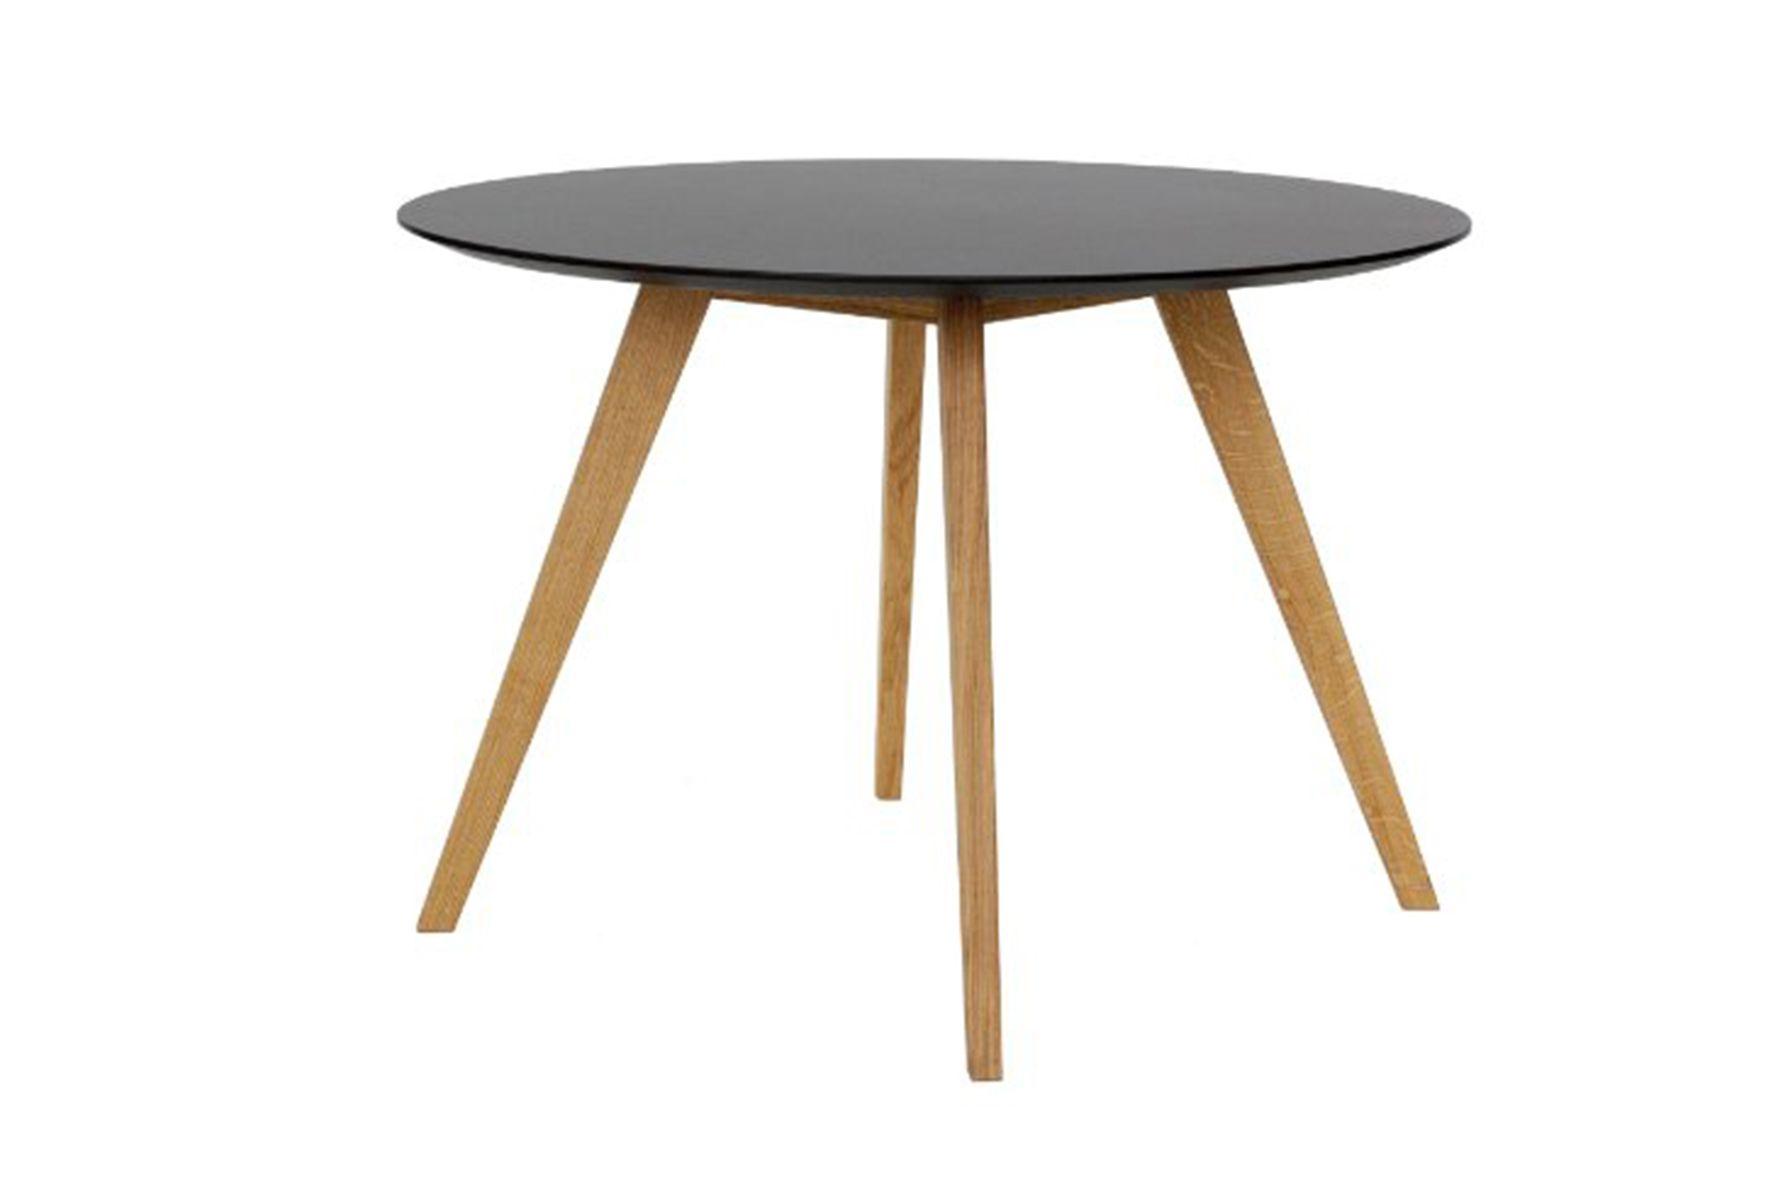 Bess - Eetkamer - WEBA meubelen Gent en Deinze/Oost-Vlaanderen en webshop: meubels aan scherpe prijzen